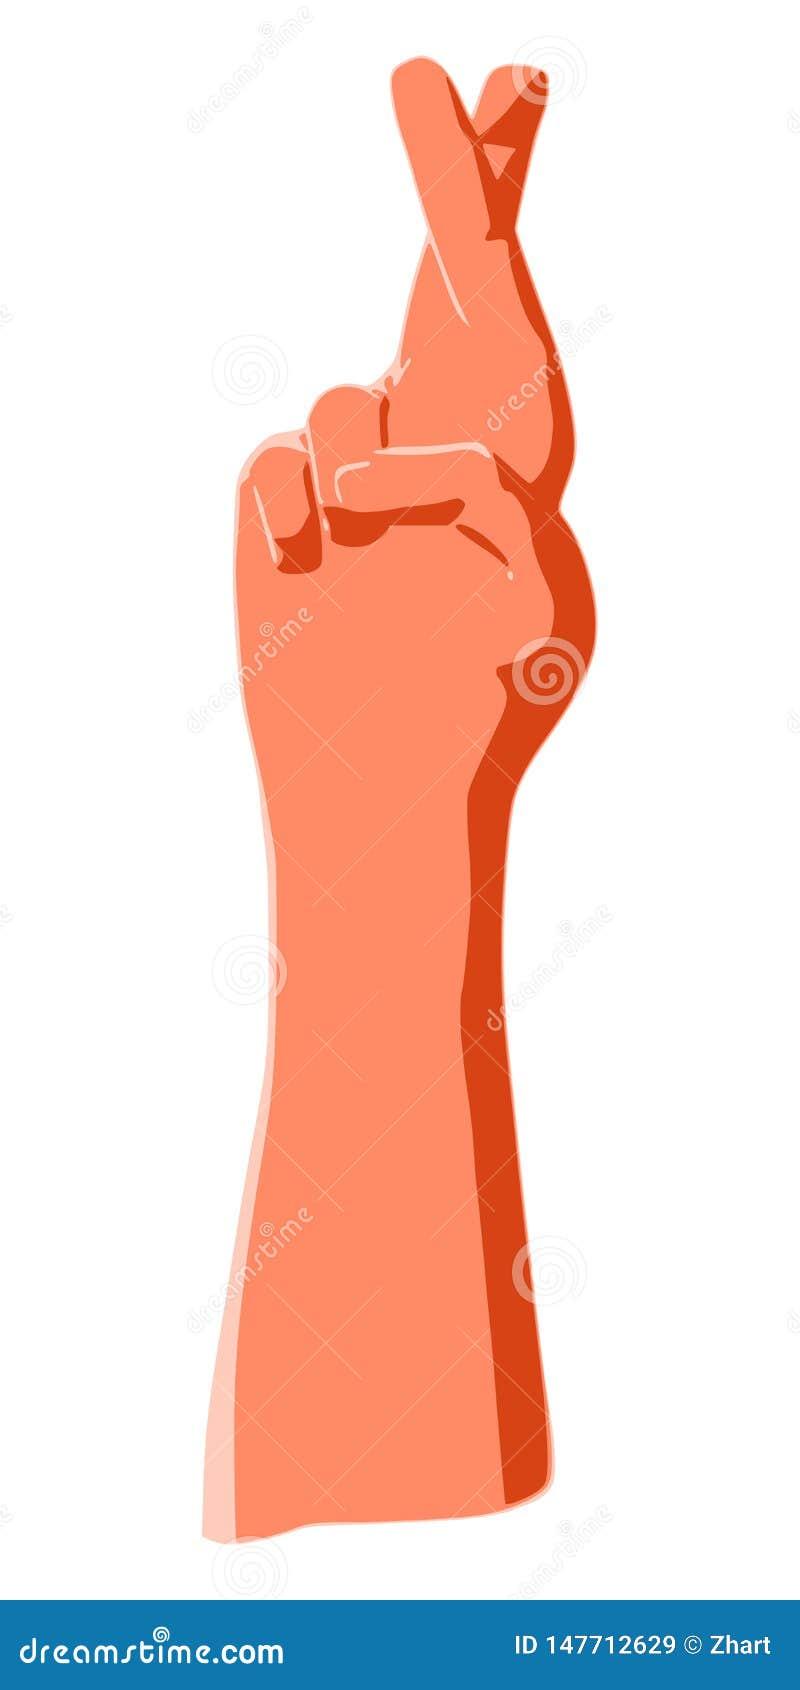 De kruising van vingers als gebaar van het liggen, geluk, bijgeloof, valse belofte